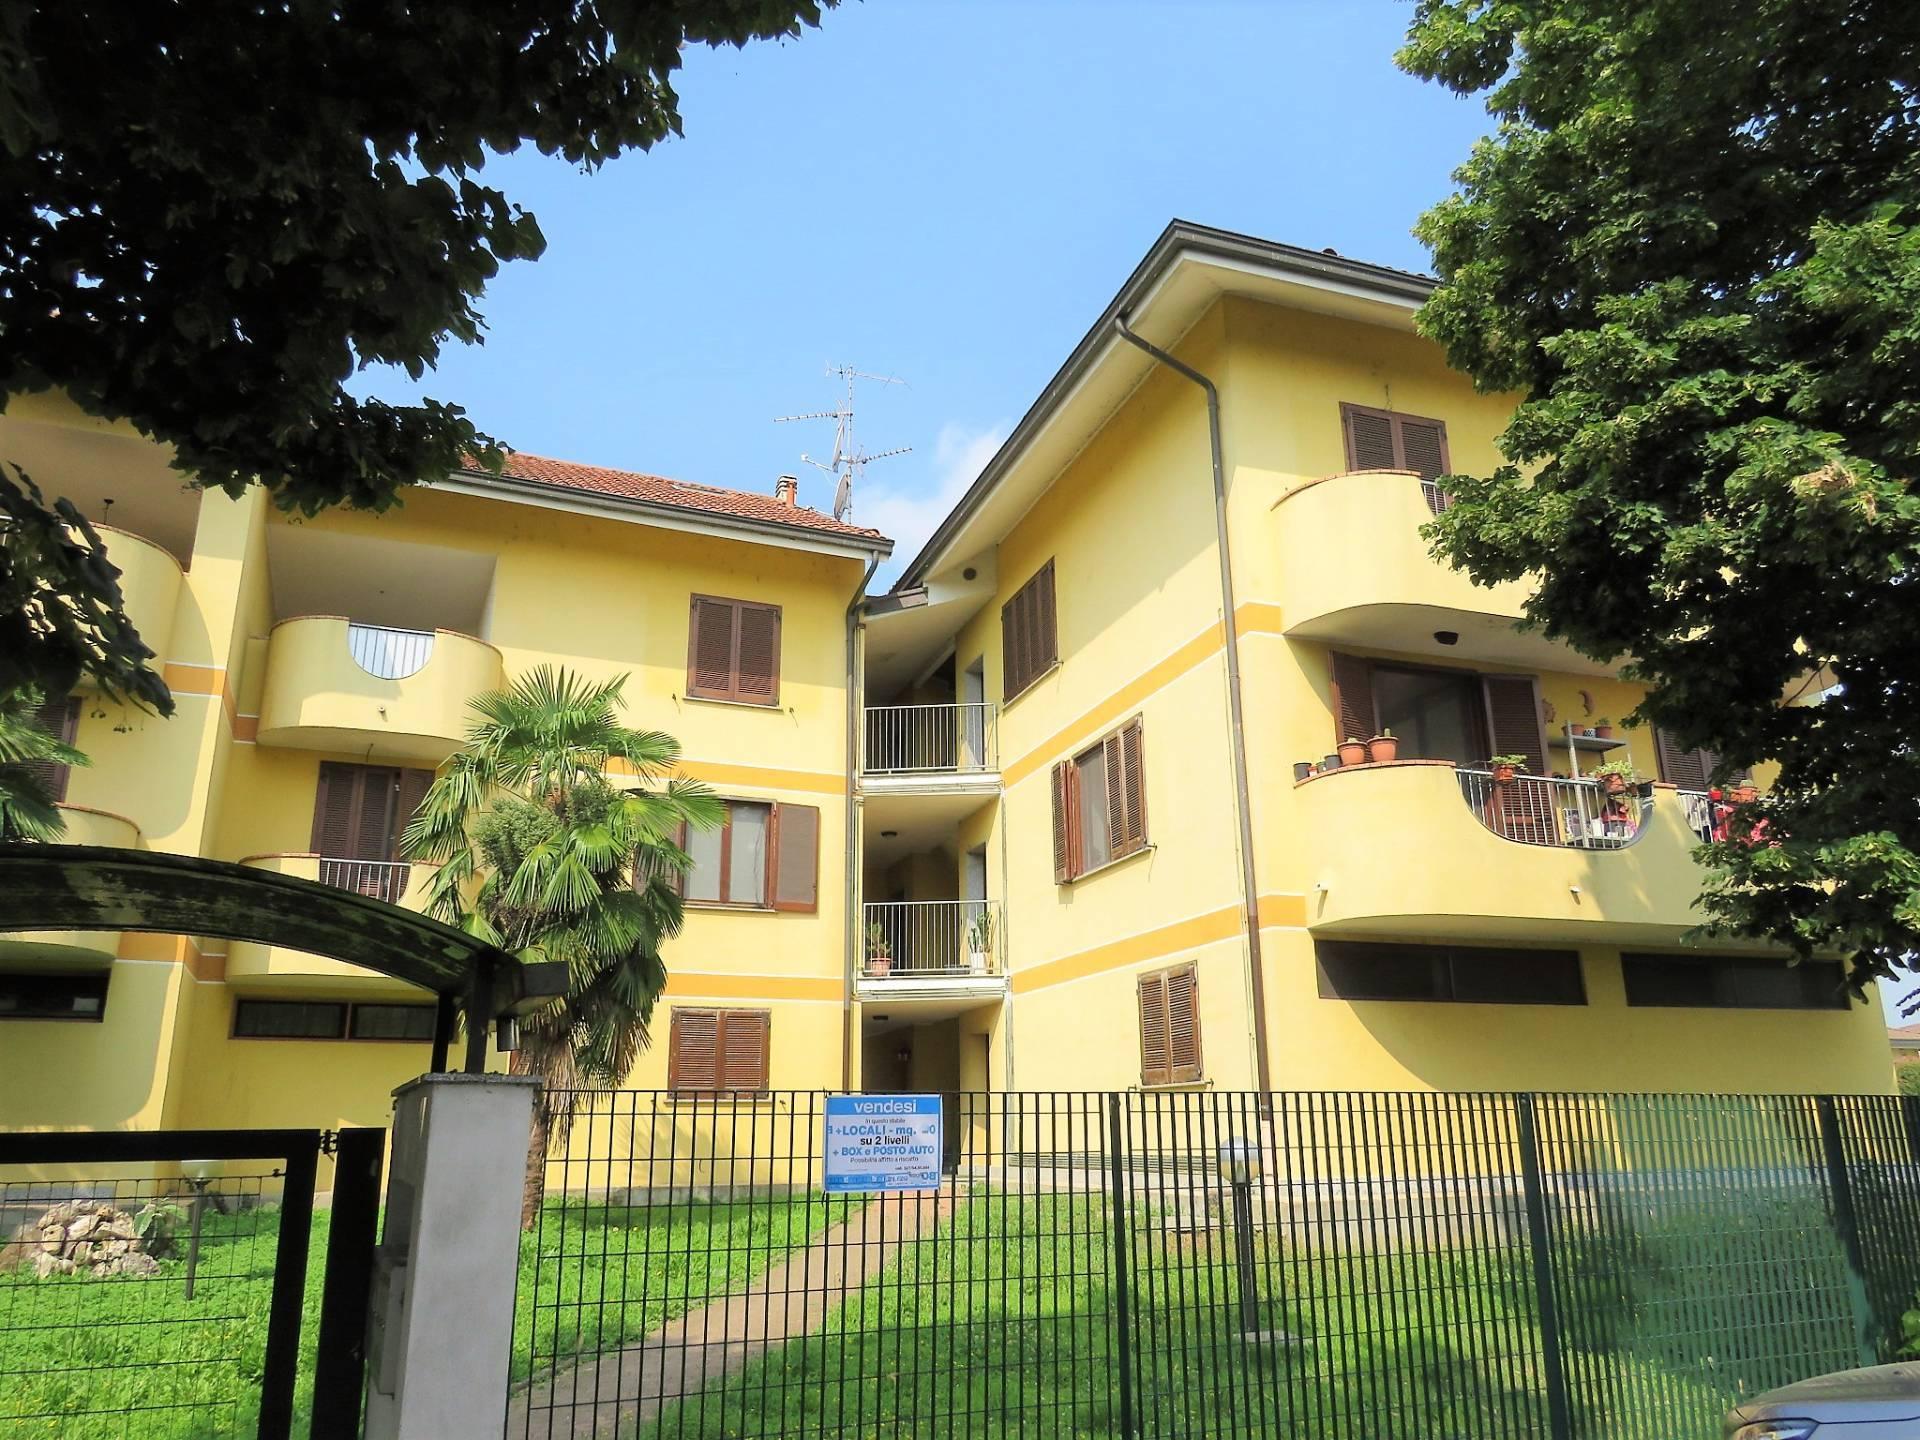 Foto - Appartamento In Vendita Torrevecchia Pia (pv)